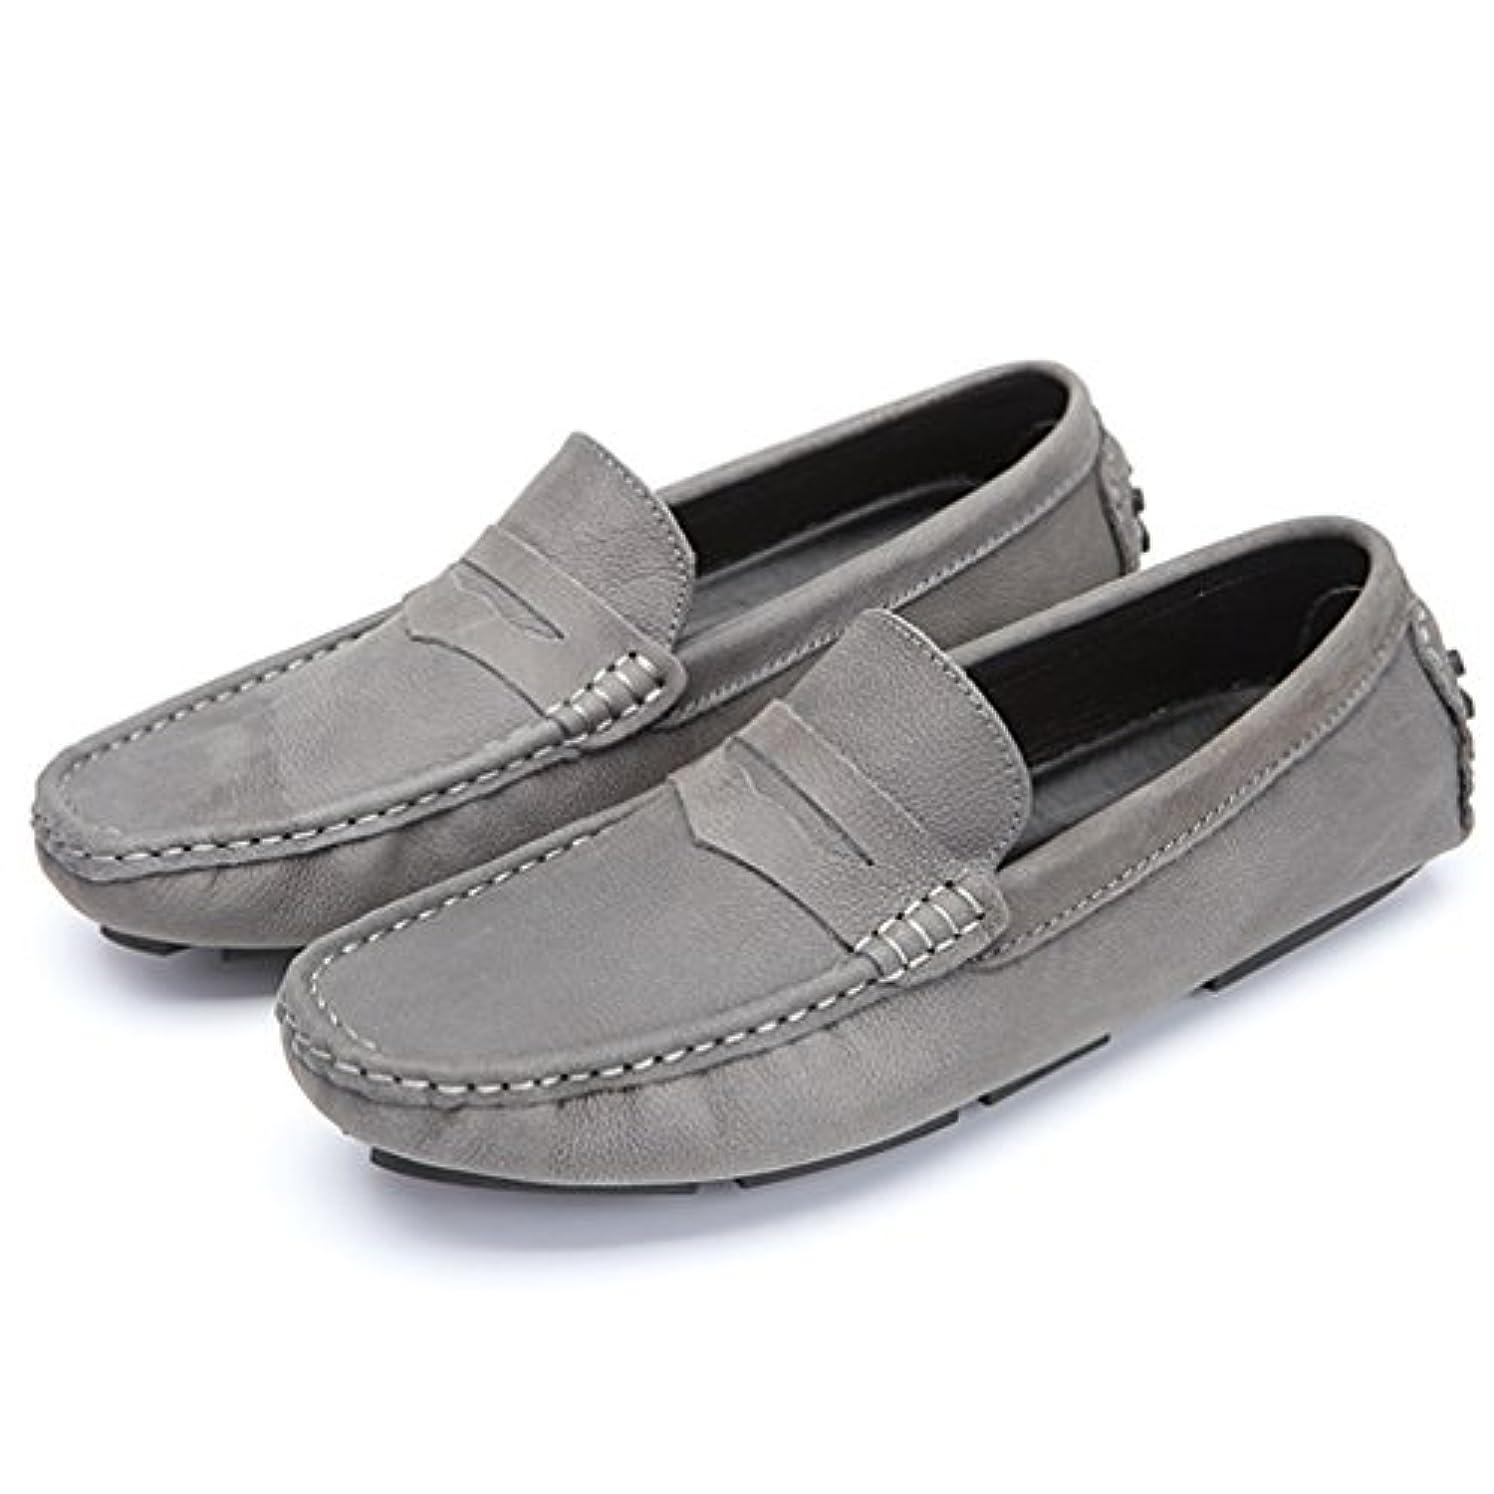 適度に定義する悲鳴{イノヤ}ドライビングシューズ メンズ 本革 革靴 本革シューズ 本革ブーツ レザーブーツ モカシンシューズ ブーツ スニーカー パンプス 革製品 大きいサイズ